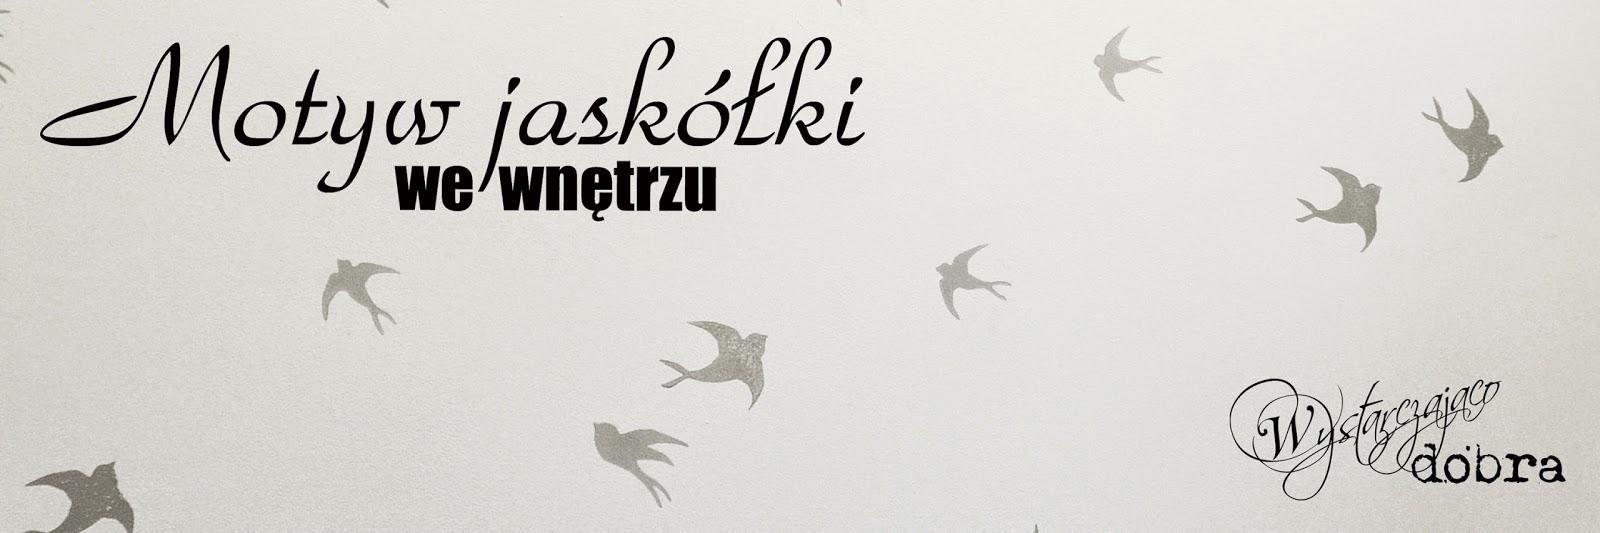 http://wystarczajacodobra.blogspot.com/2015/03/jedna-jaskoka-wiosny-nie-czyniale-ja.html